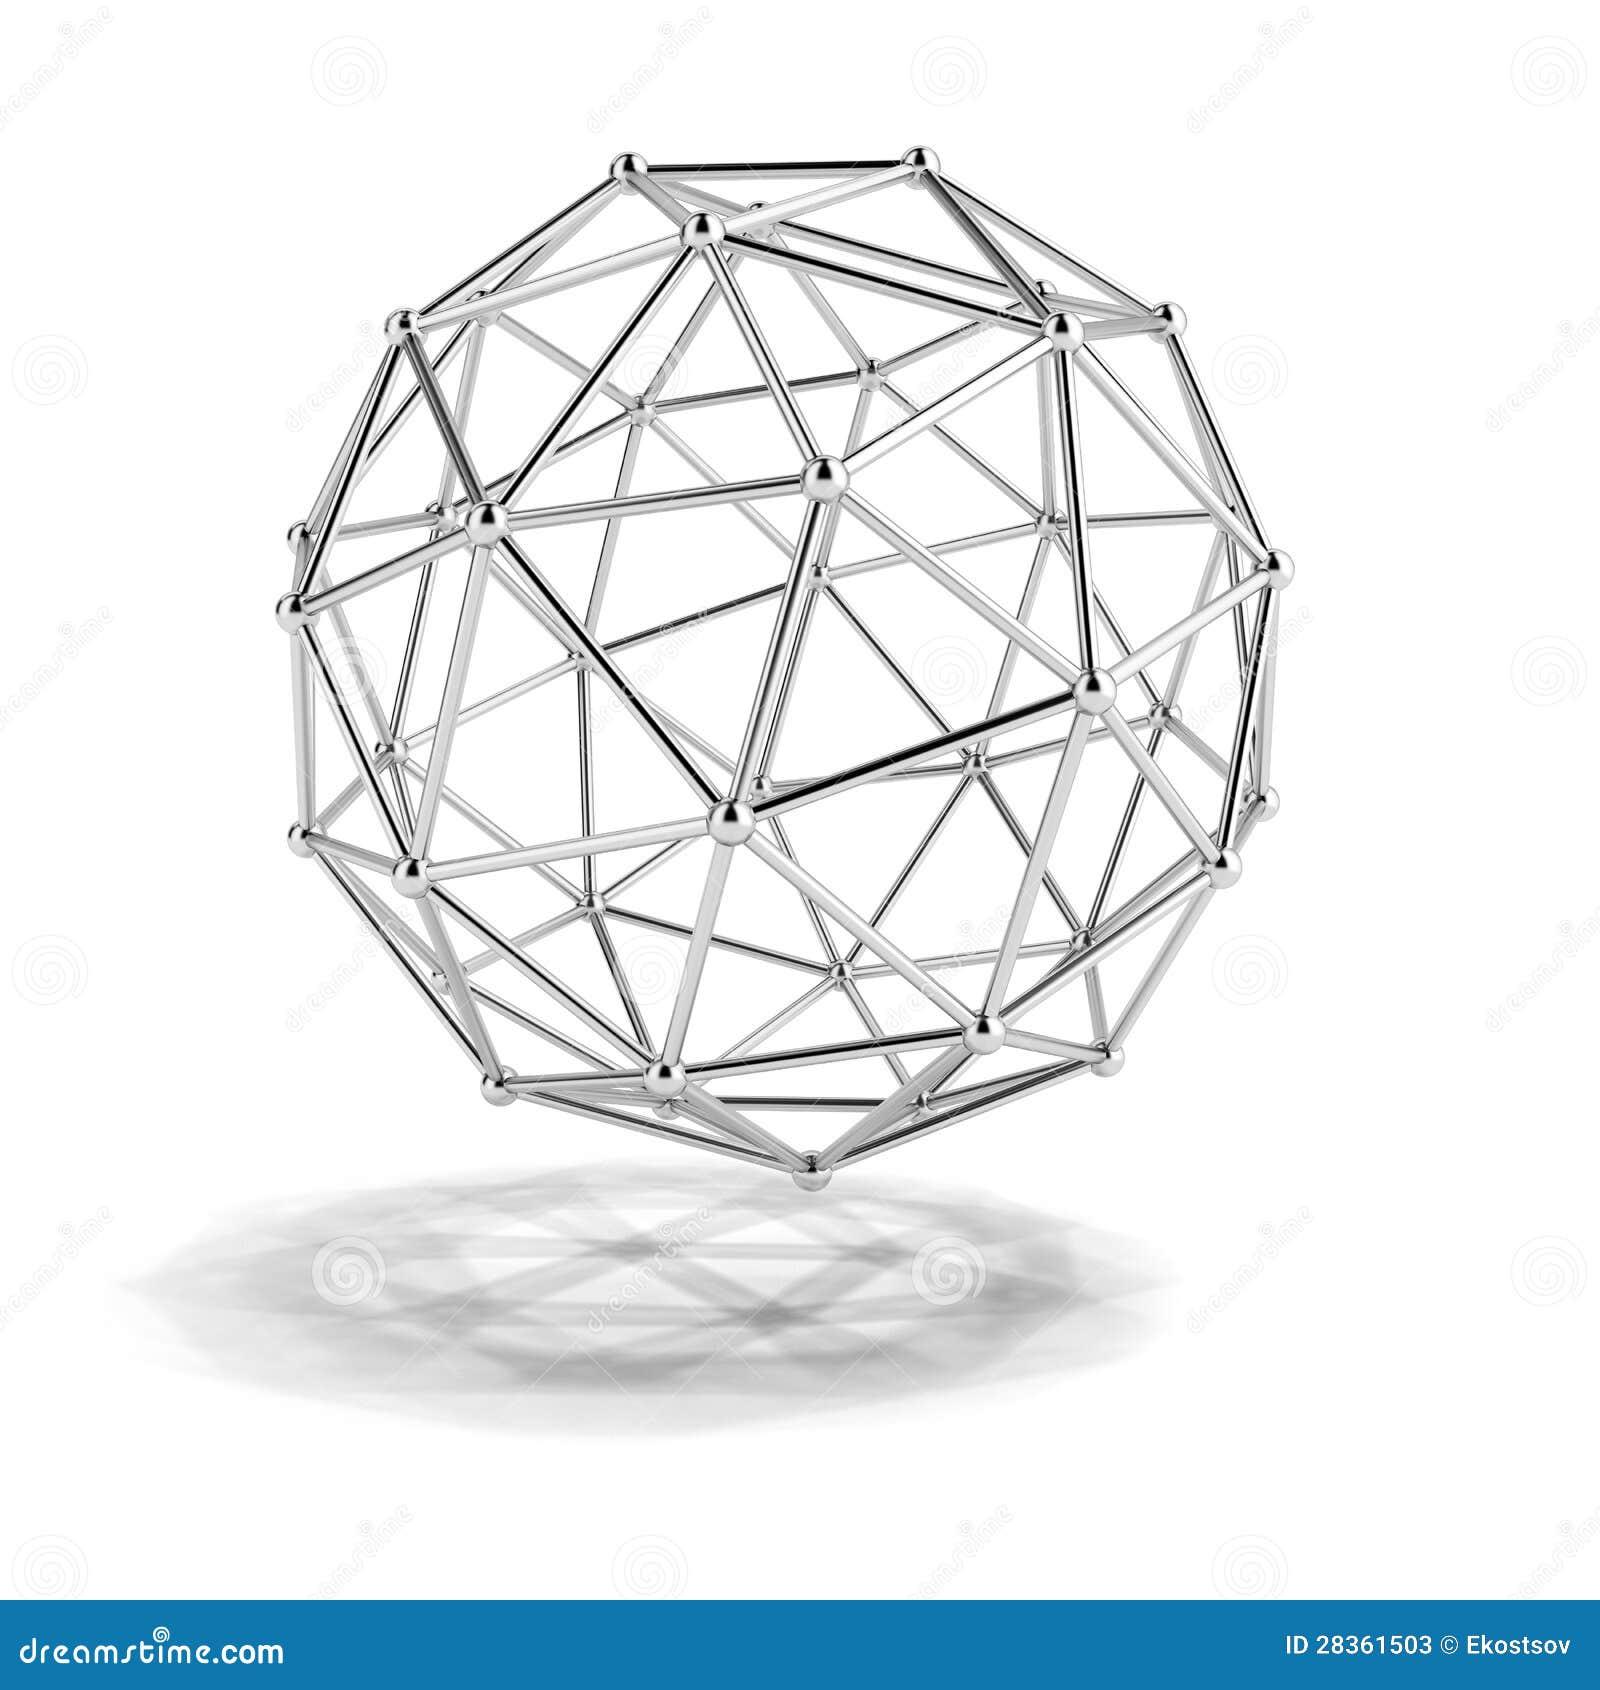 Scientific model of the molecule